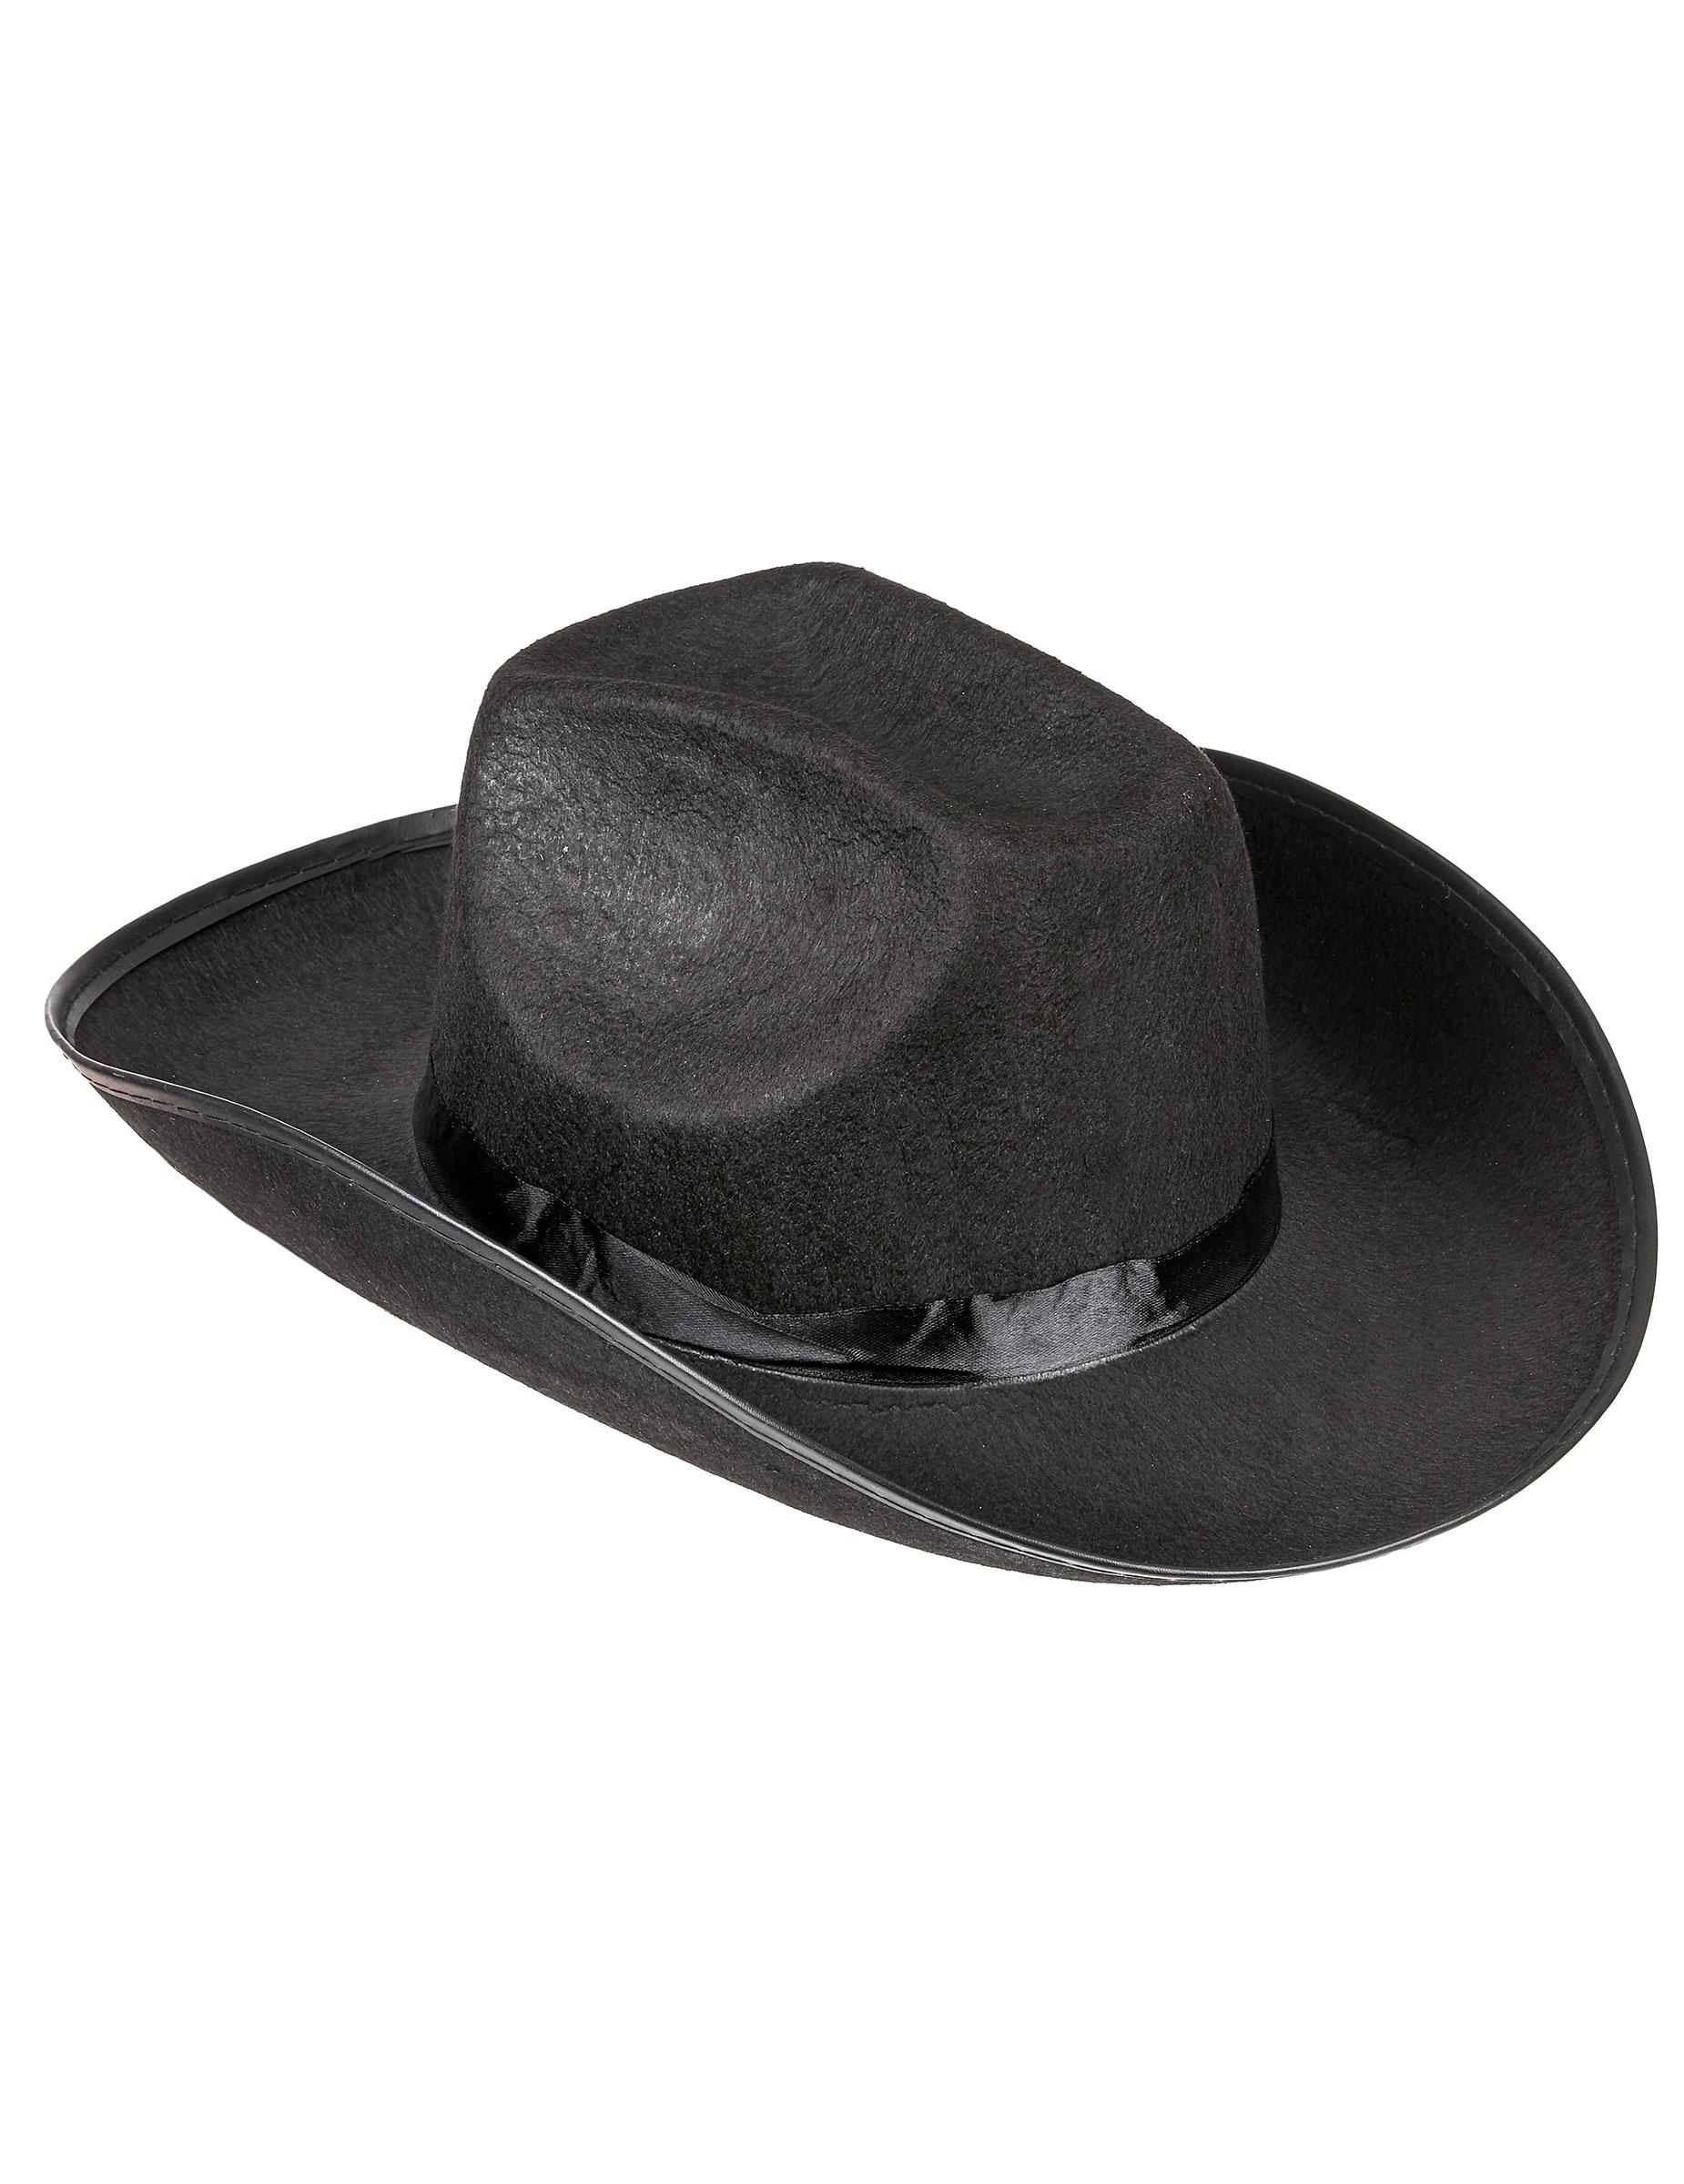 Sombrero cowboy adulto  Sombreros 2c9247ac1ec